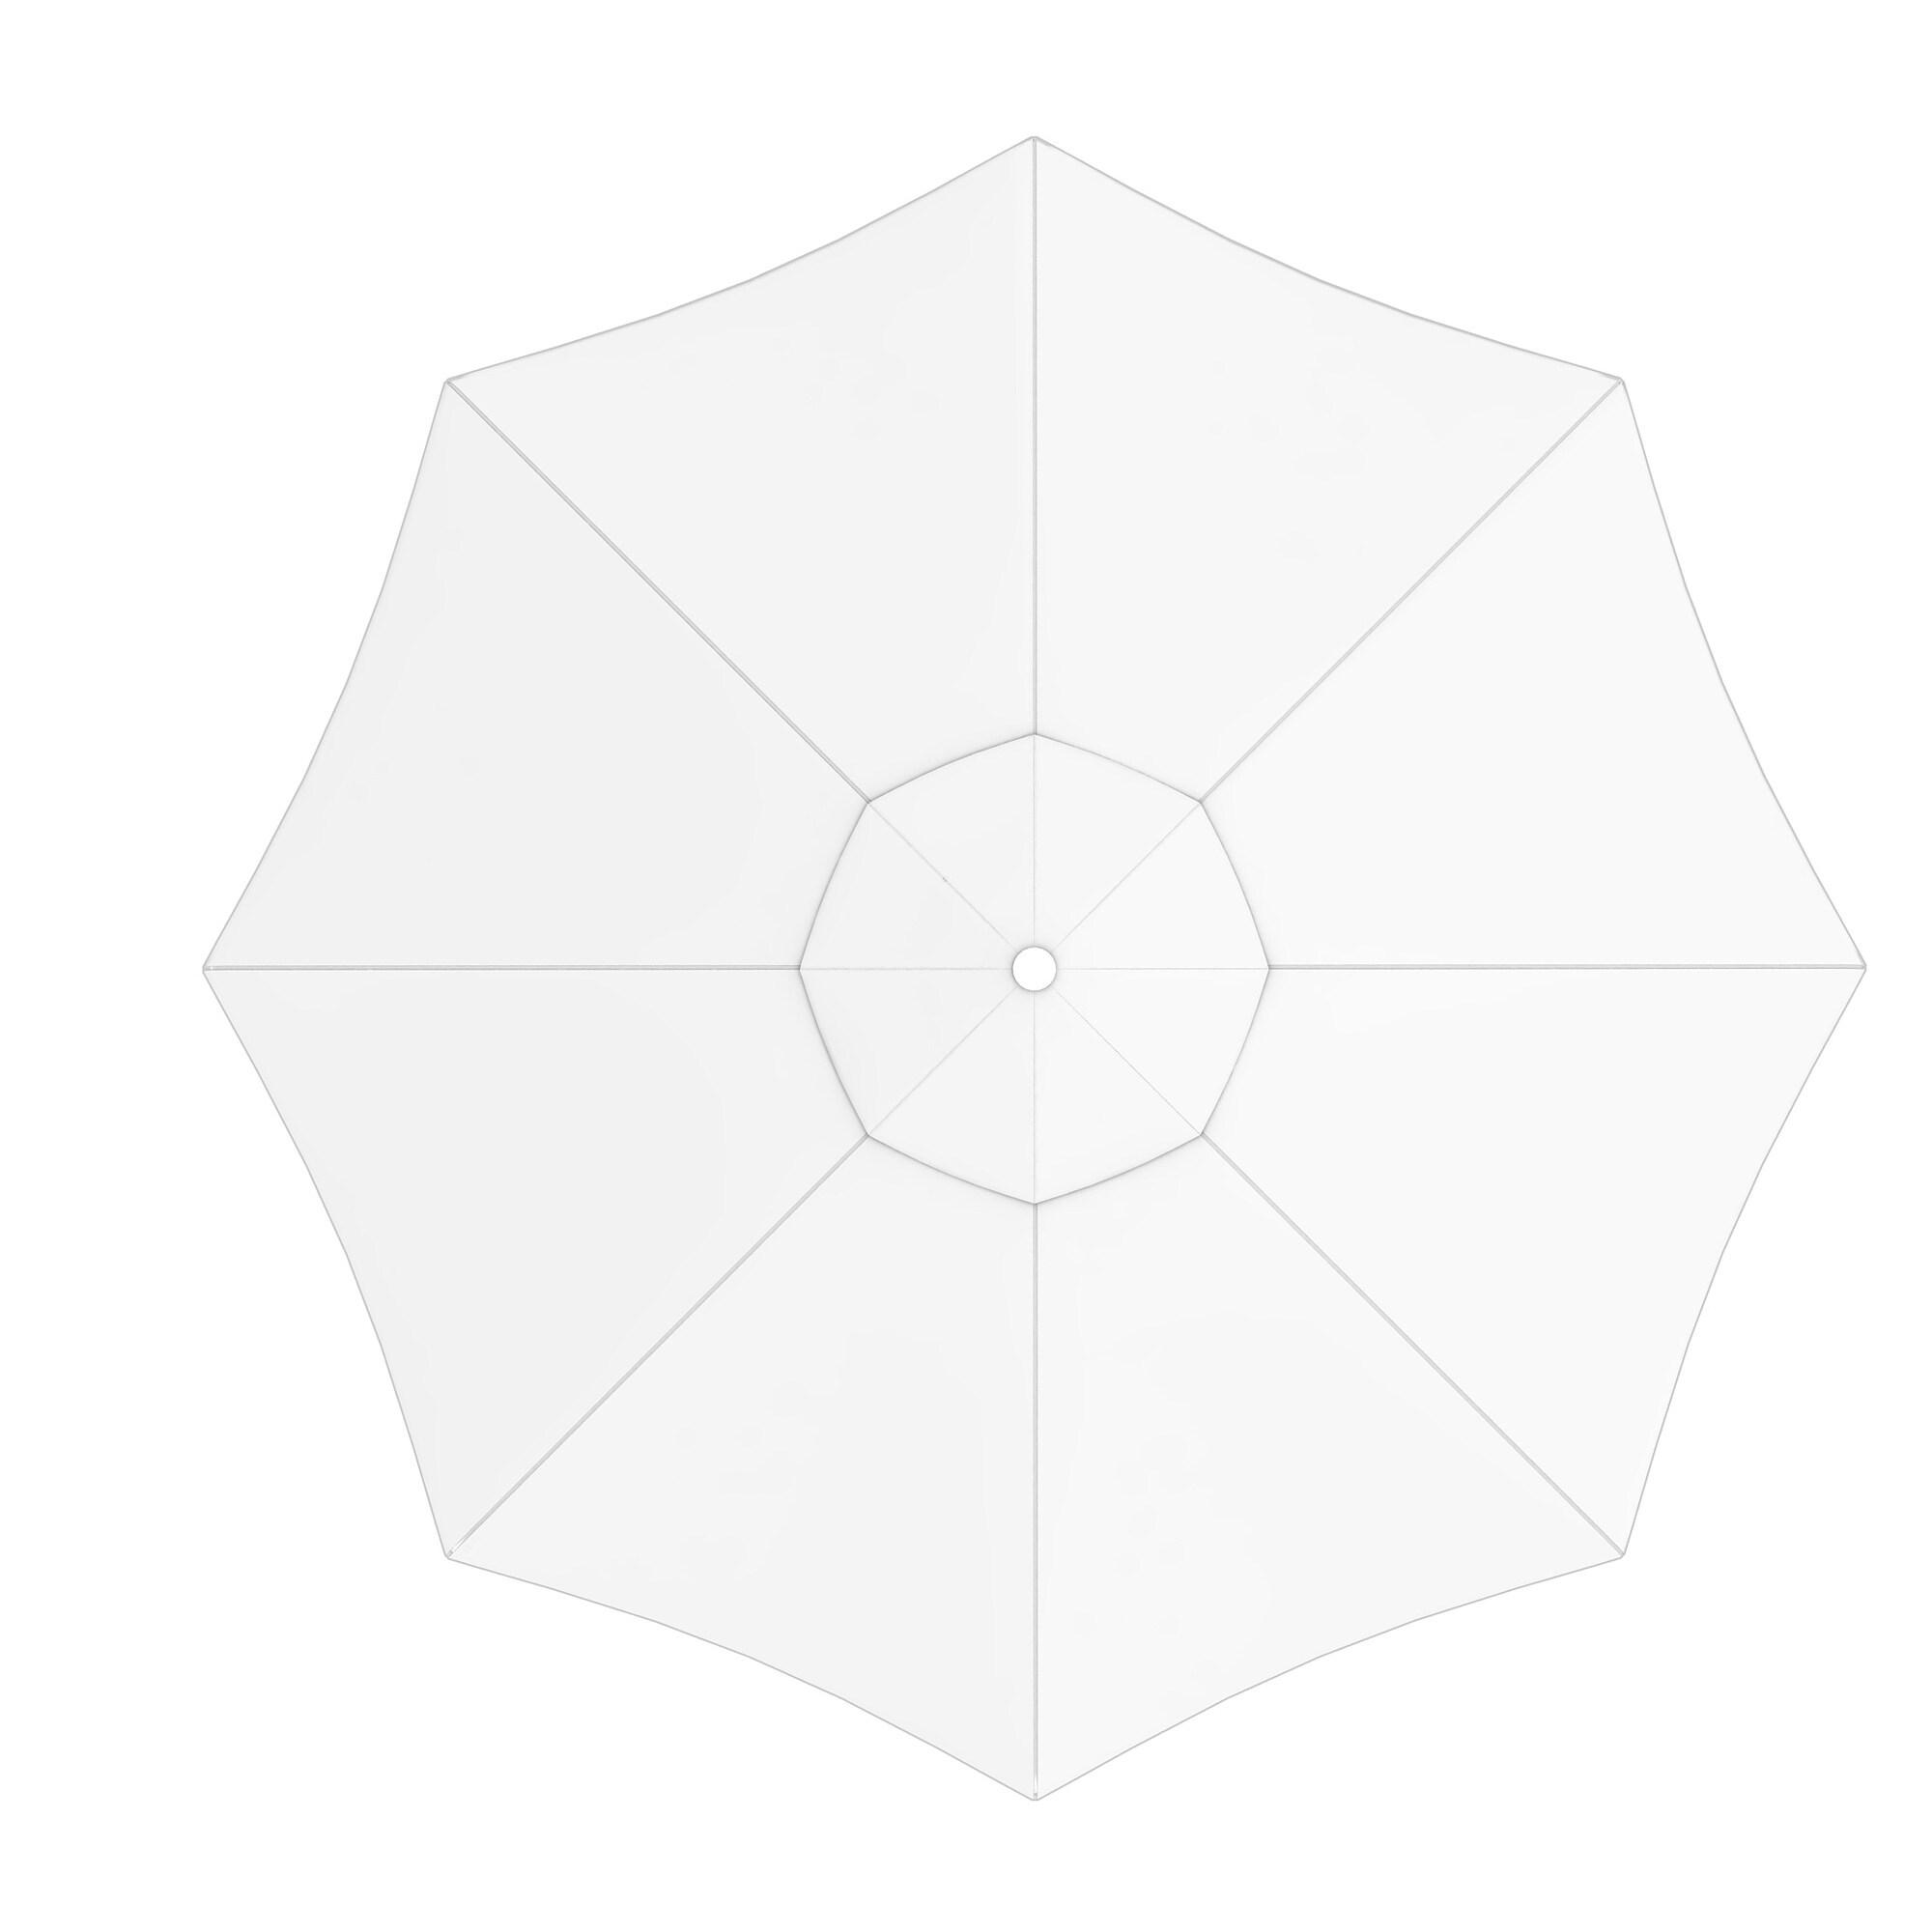 paramondo sonnenschirm ampelschirm bezug schirmbezug bespannung airvent ersatz ebay. Black Bedroom Furniture Sets. Home Design Ideas